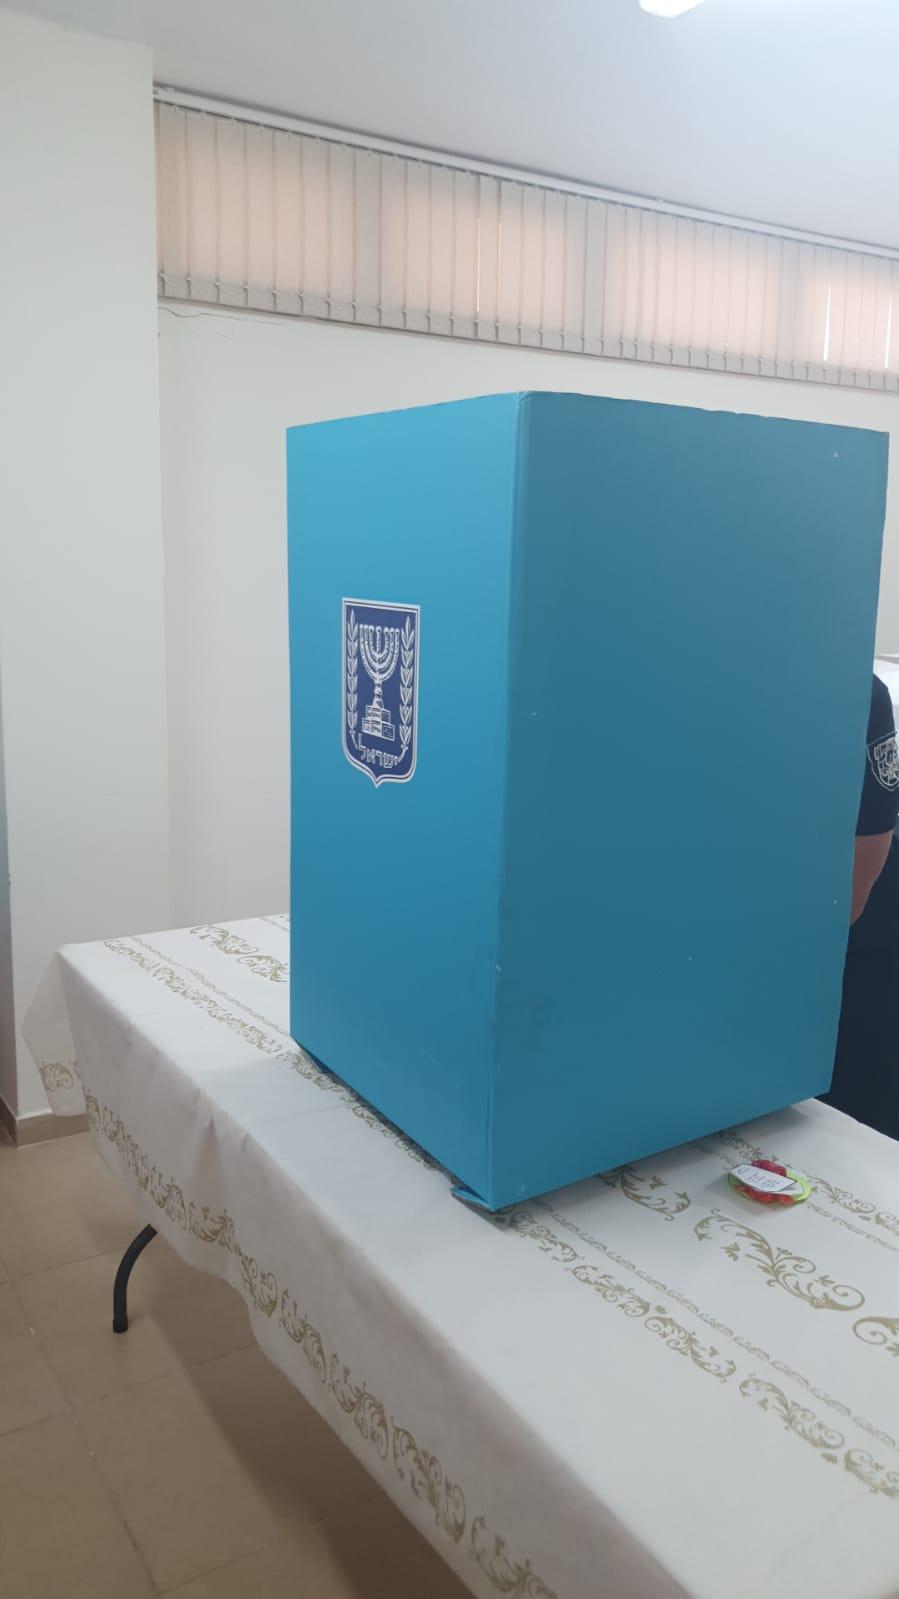 בחירות לוועד עובדי עיריית קריית שמונה